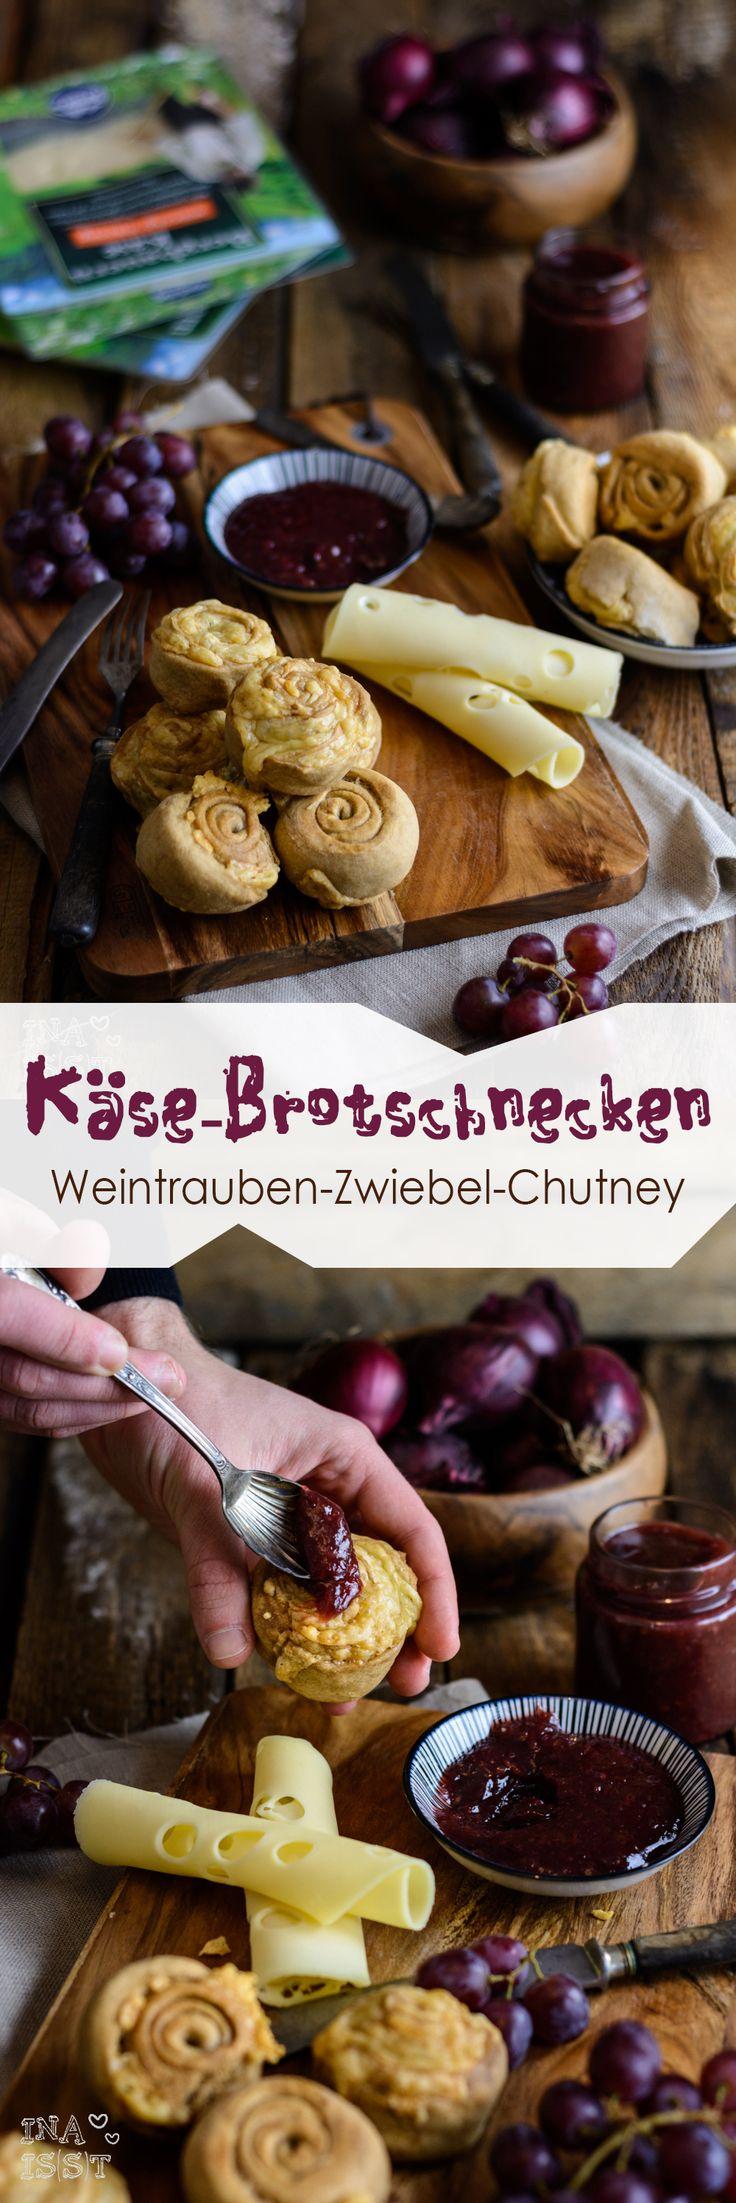 Würzige Käse-Brotschnecken mit süßem Weintrauben-Zwiebel-Chutney